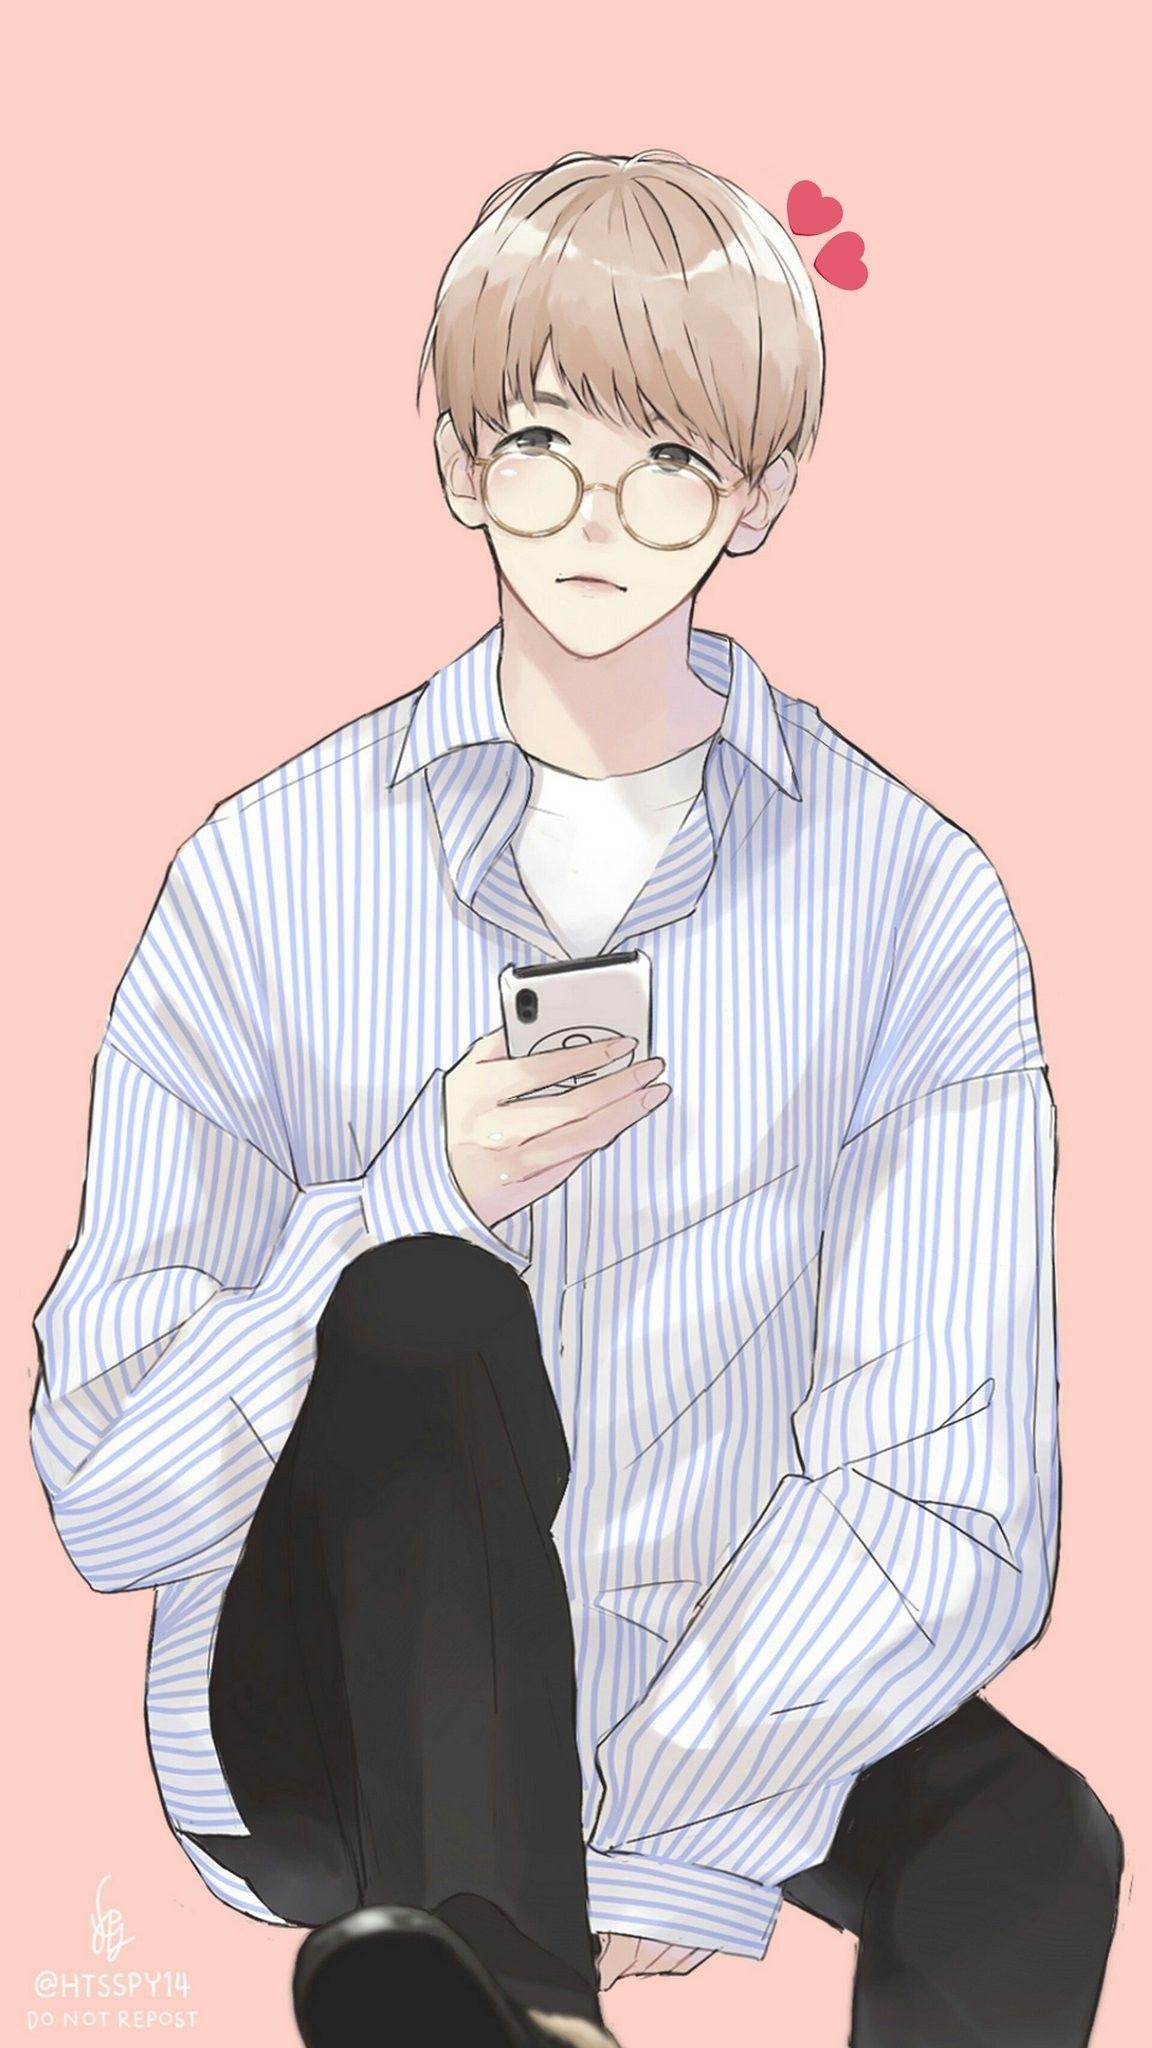 변백현 / Baekhyun / Baekhyun EXO / Baekhyunee puppy